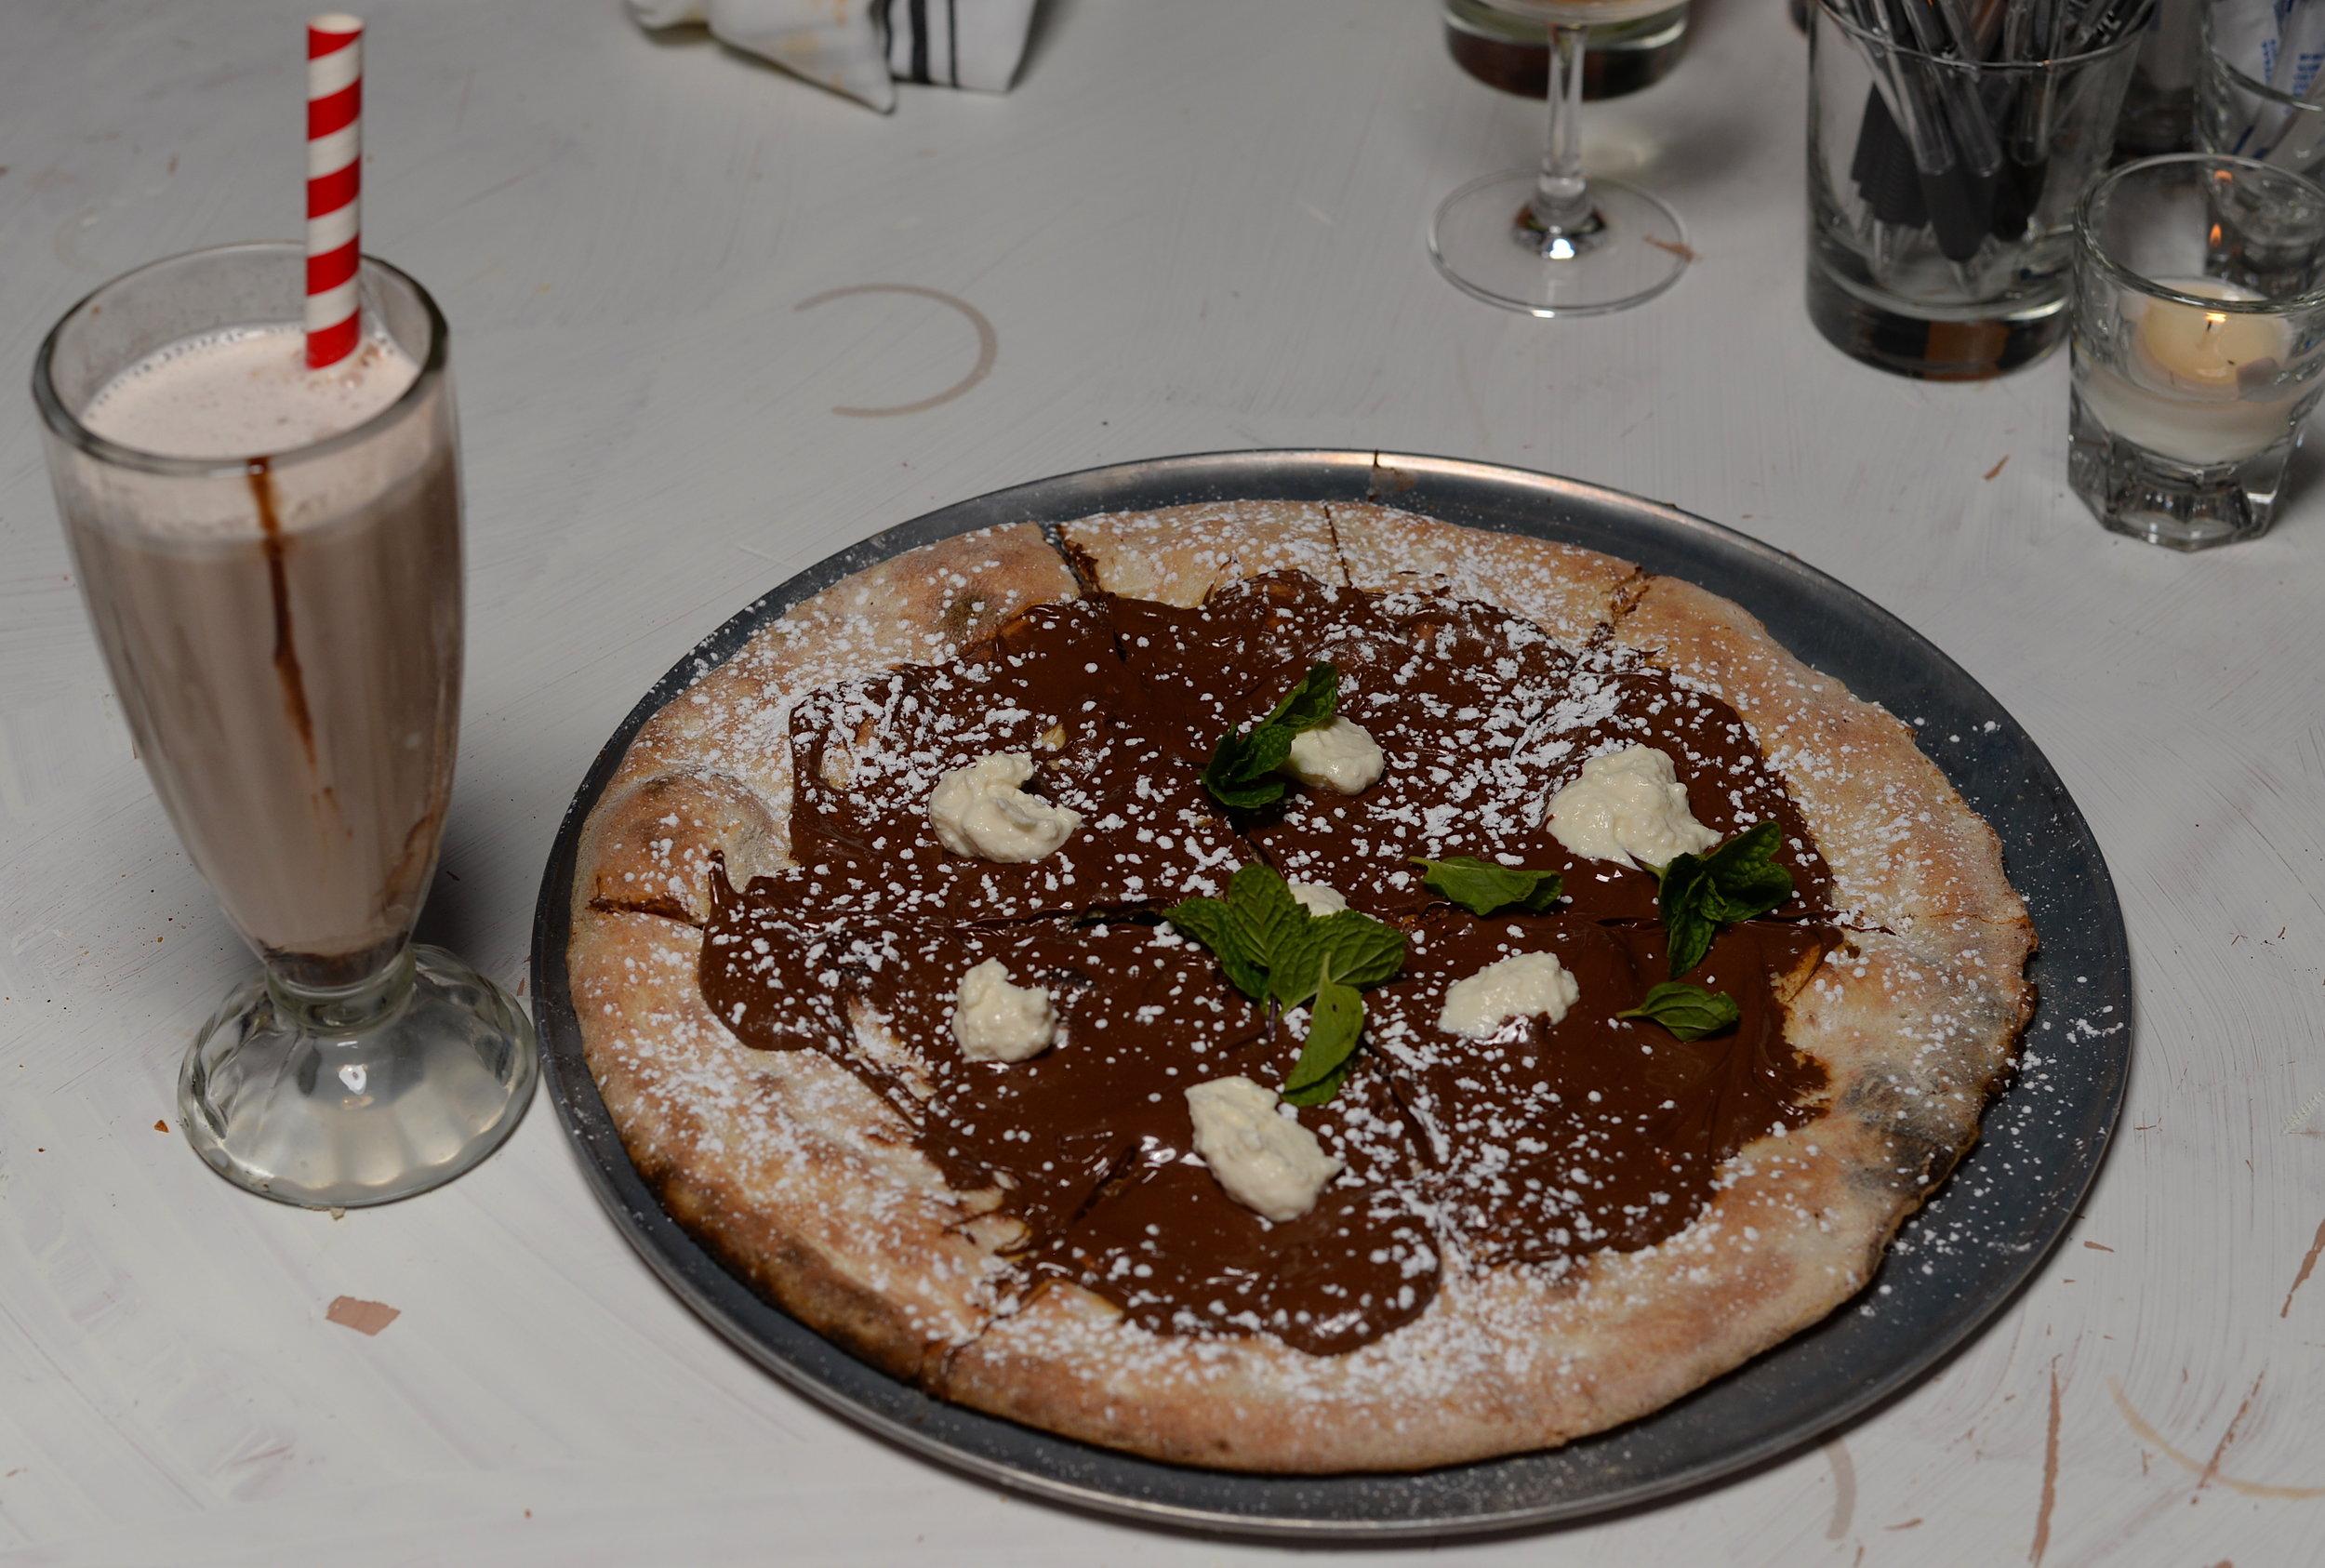 Brooklyn egg cream soda and Nutella pizza